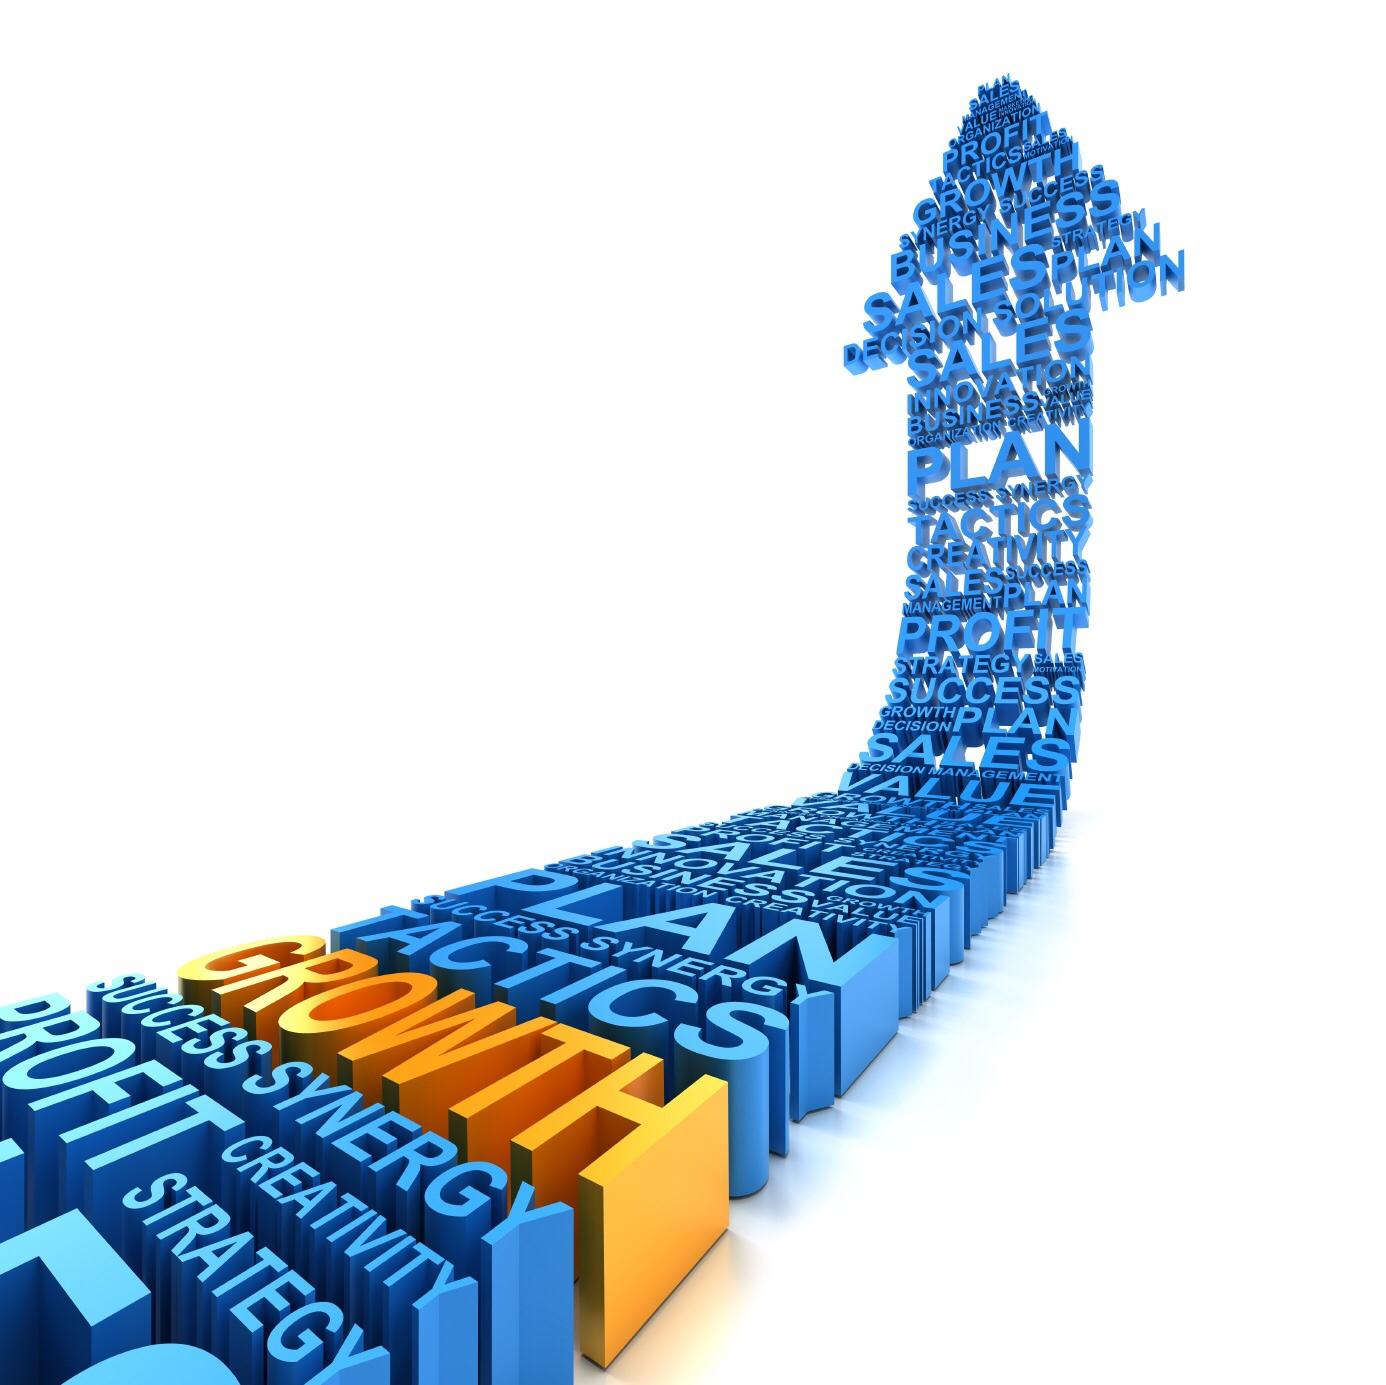 Aplikasi Dan Teknis Pengukuran Kinerja Perusahaan Asuransi Dengan Pendekatan Balanced ScoreCards